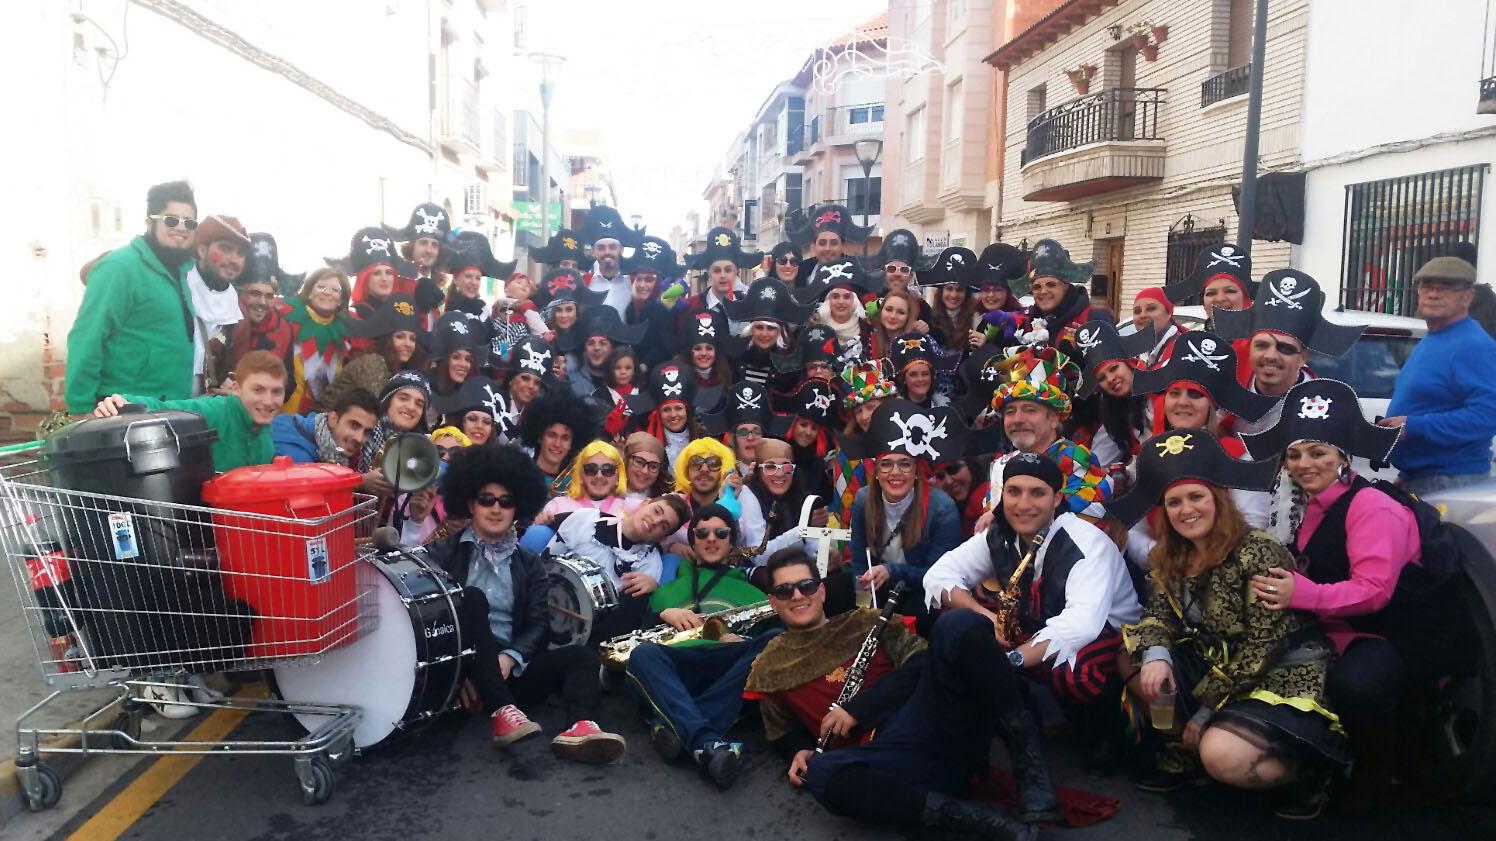 carnival-miguelturra-pena-rocheros